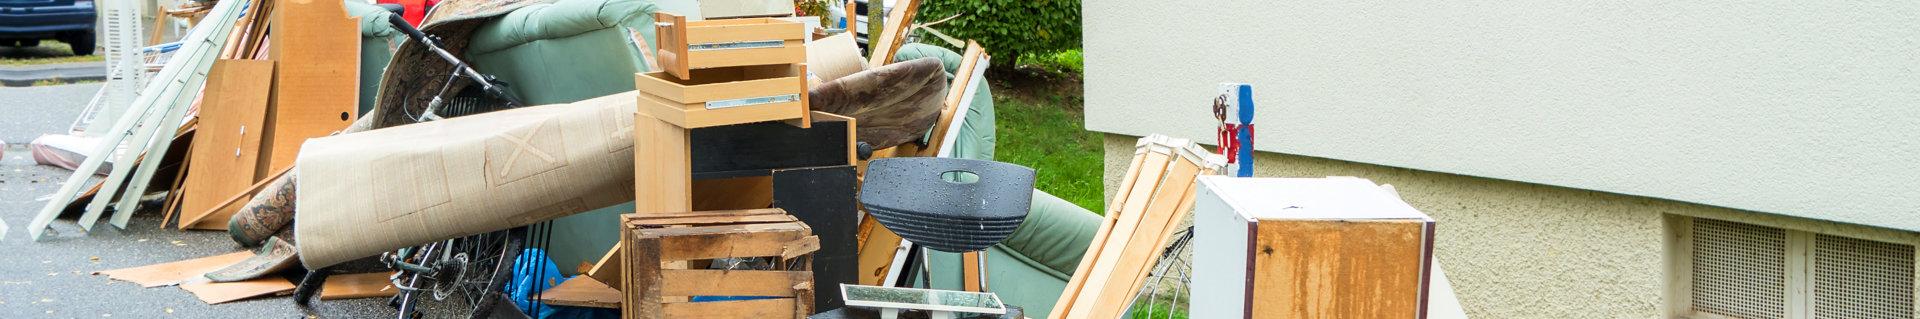 unused furniture